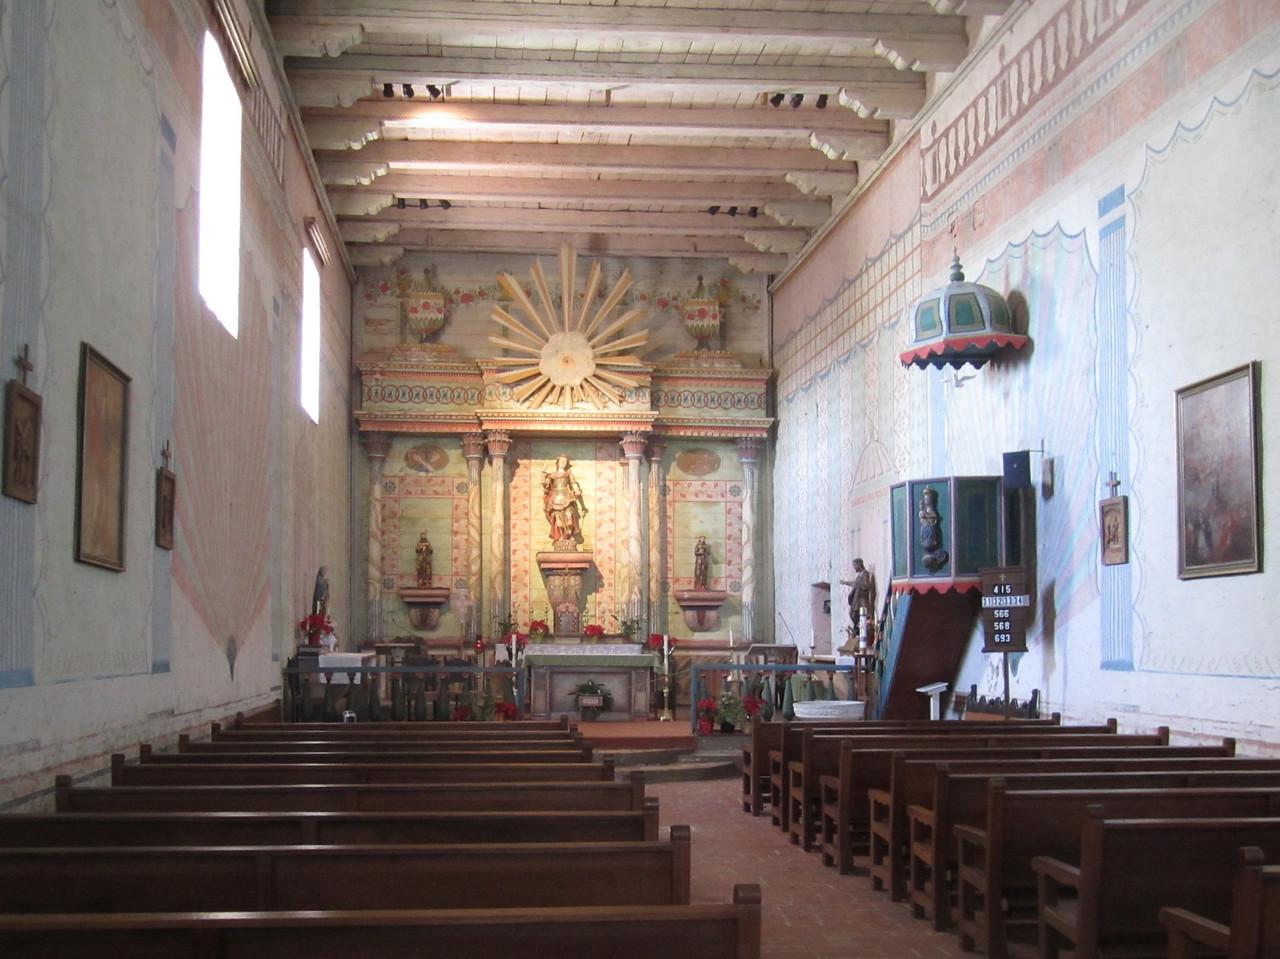 Mission San Miguel chapel.